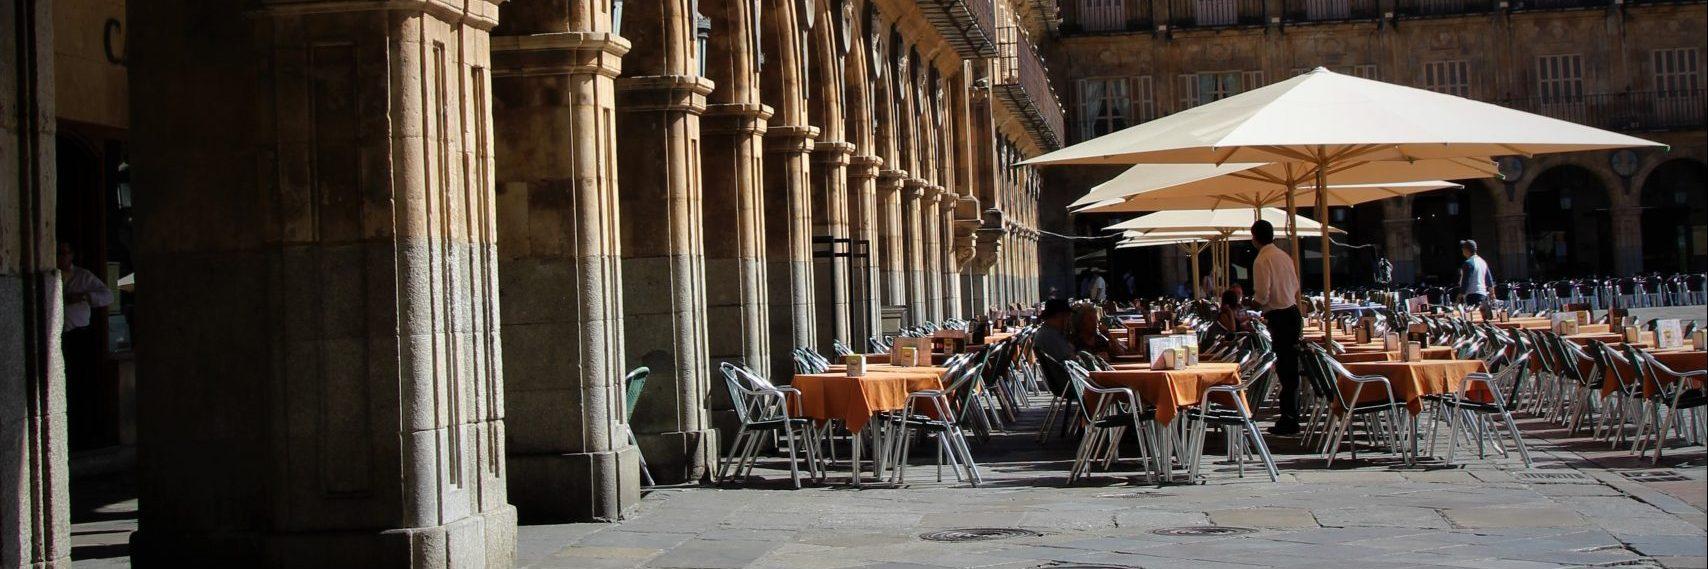 En el interior del café es un relato escrito por Miguel Rodríguez Echeandía para el blog de su web sobre un café ficticio de Salamanca.